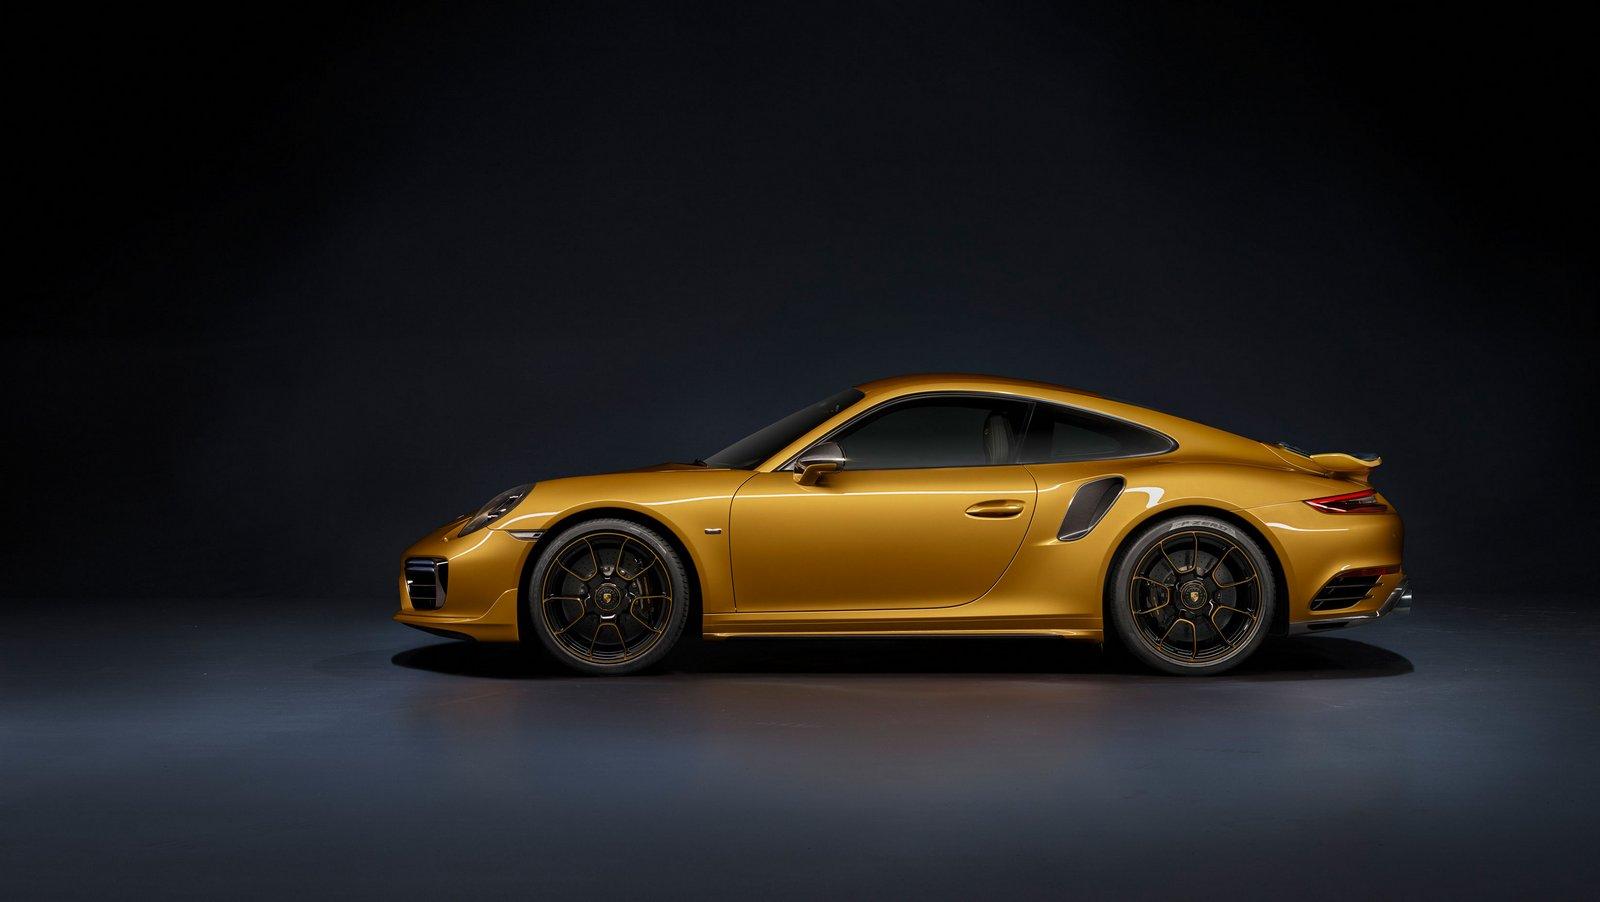 Por qué fue Peugeot la marca que rebautizó al Porsche 911